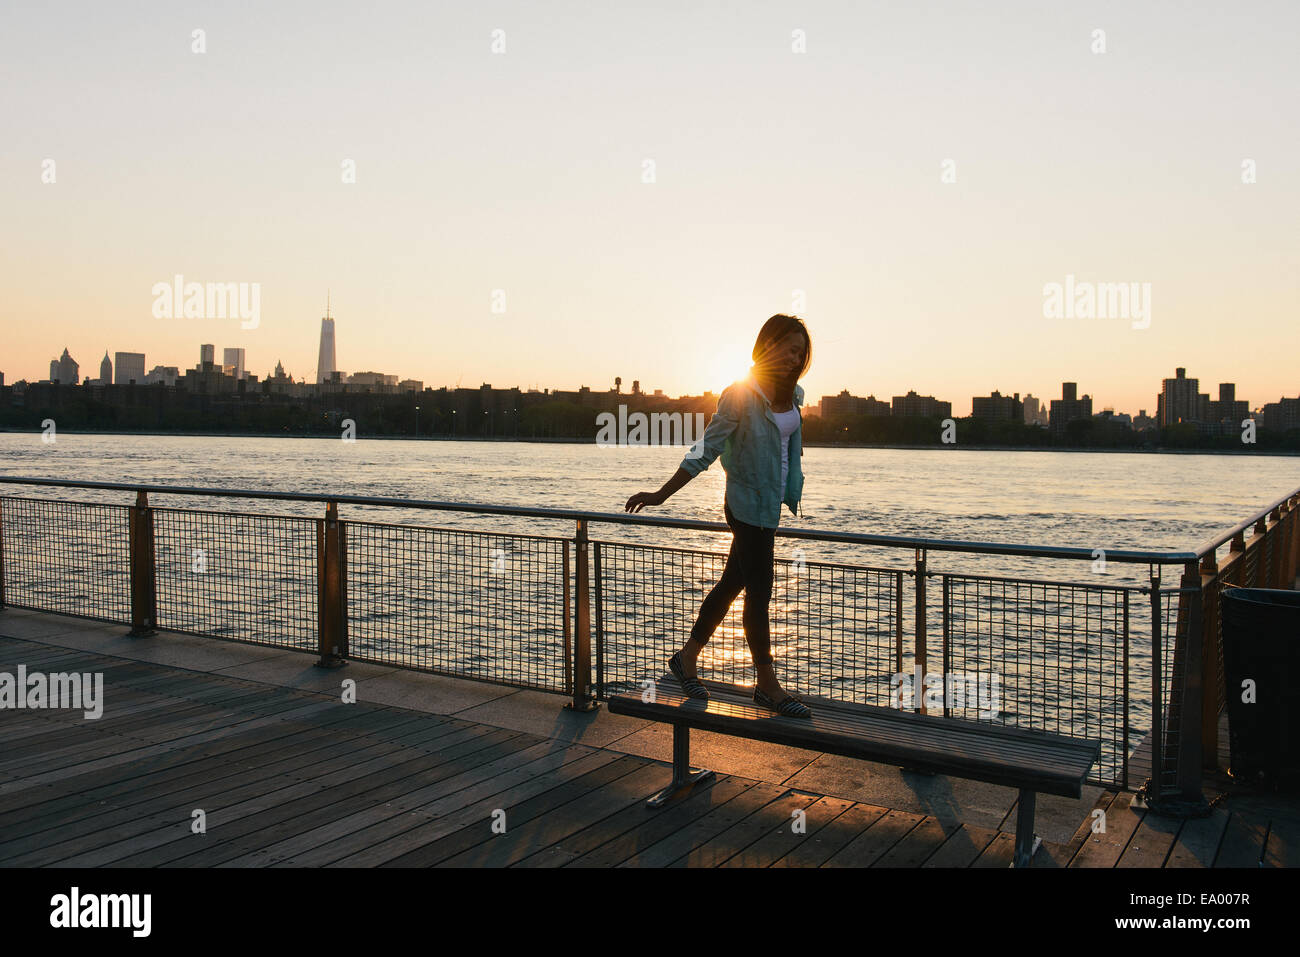 Mitte Erwachsene Frau balancieren auf Bank am Stadt am Wasser bei Sonnenuntergang Stockbild